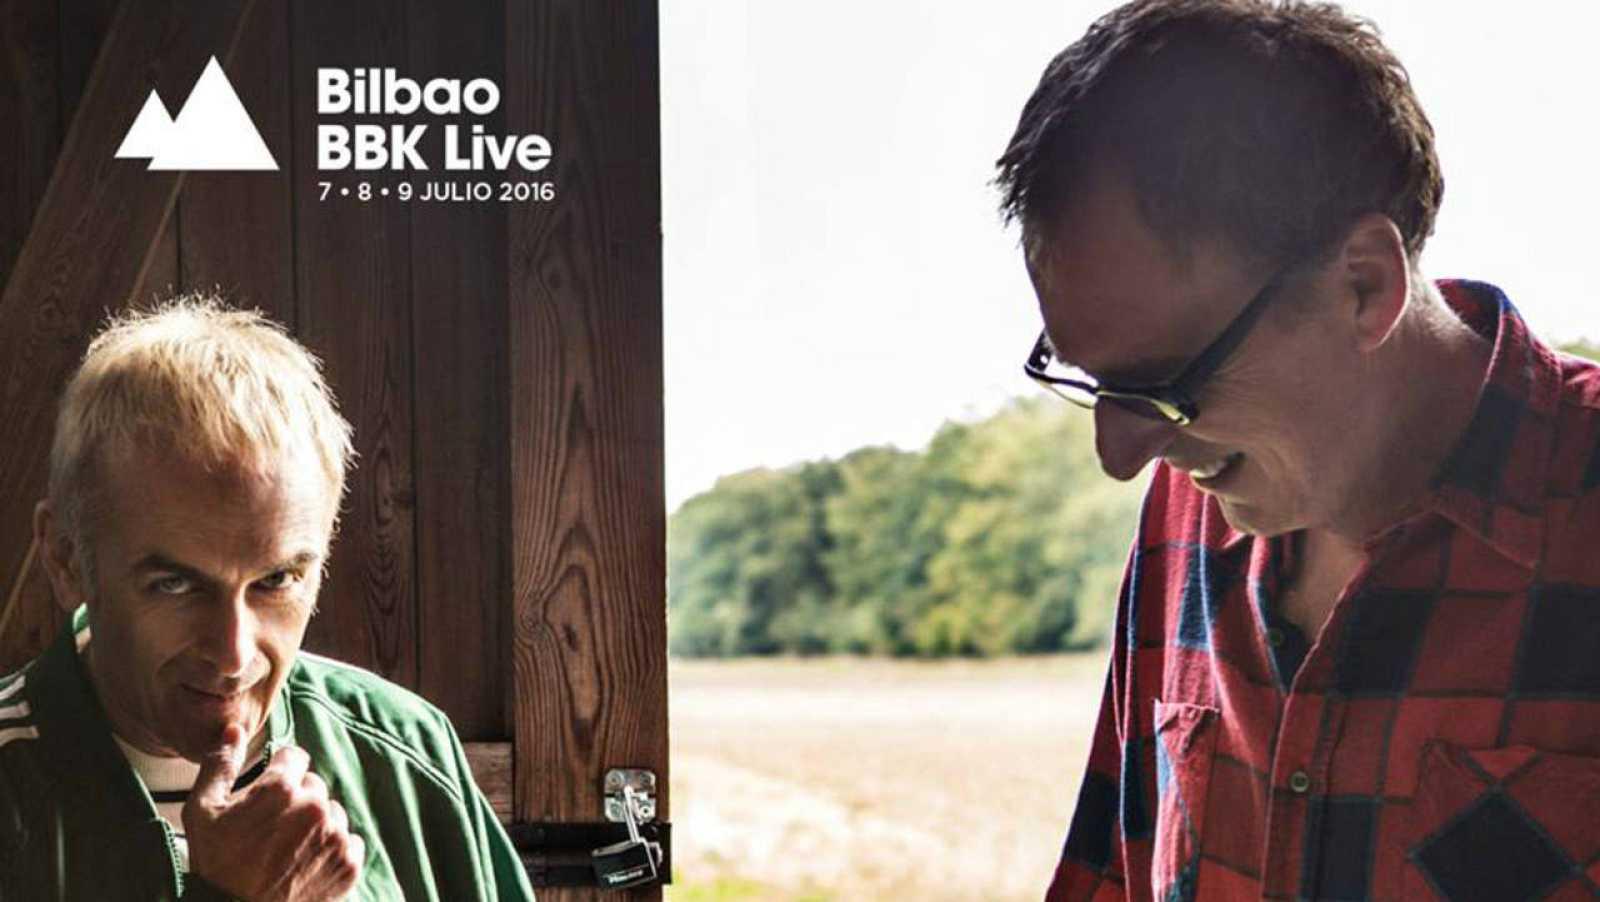 Underworld encabezan la nueva tanda de confirmaciones del BBK Live